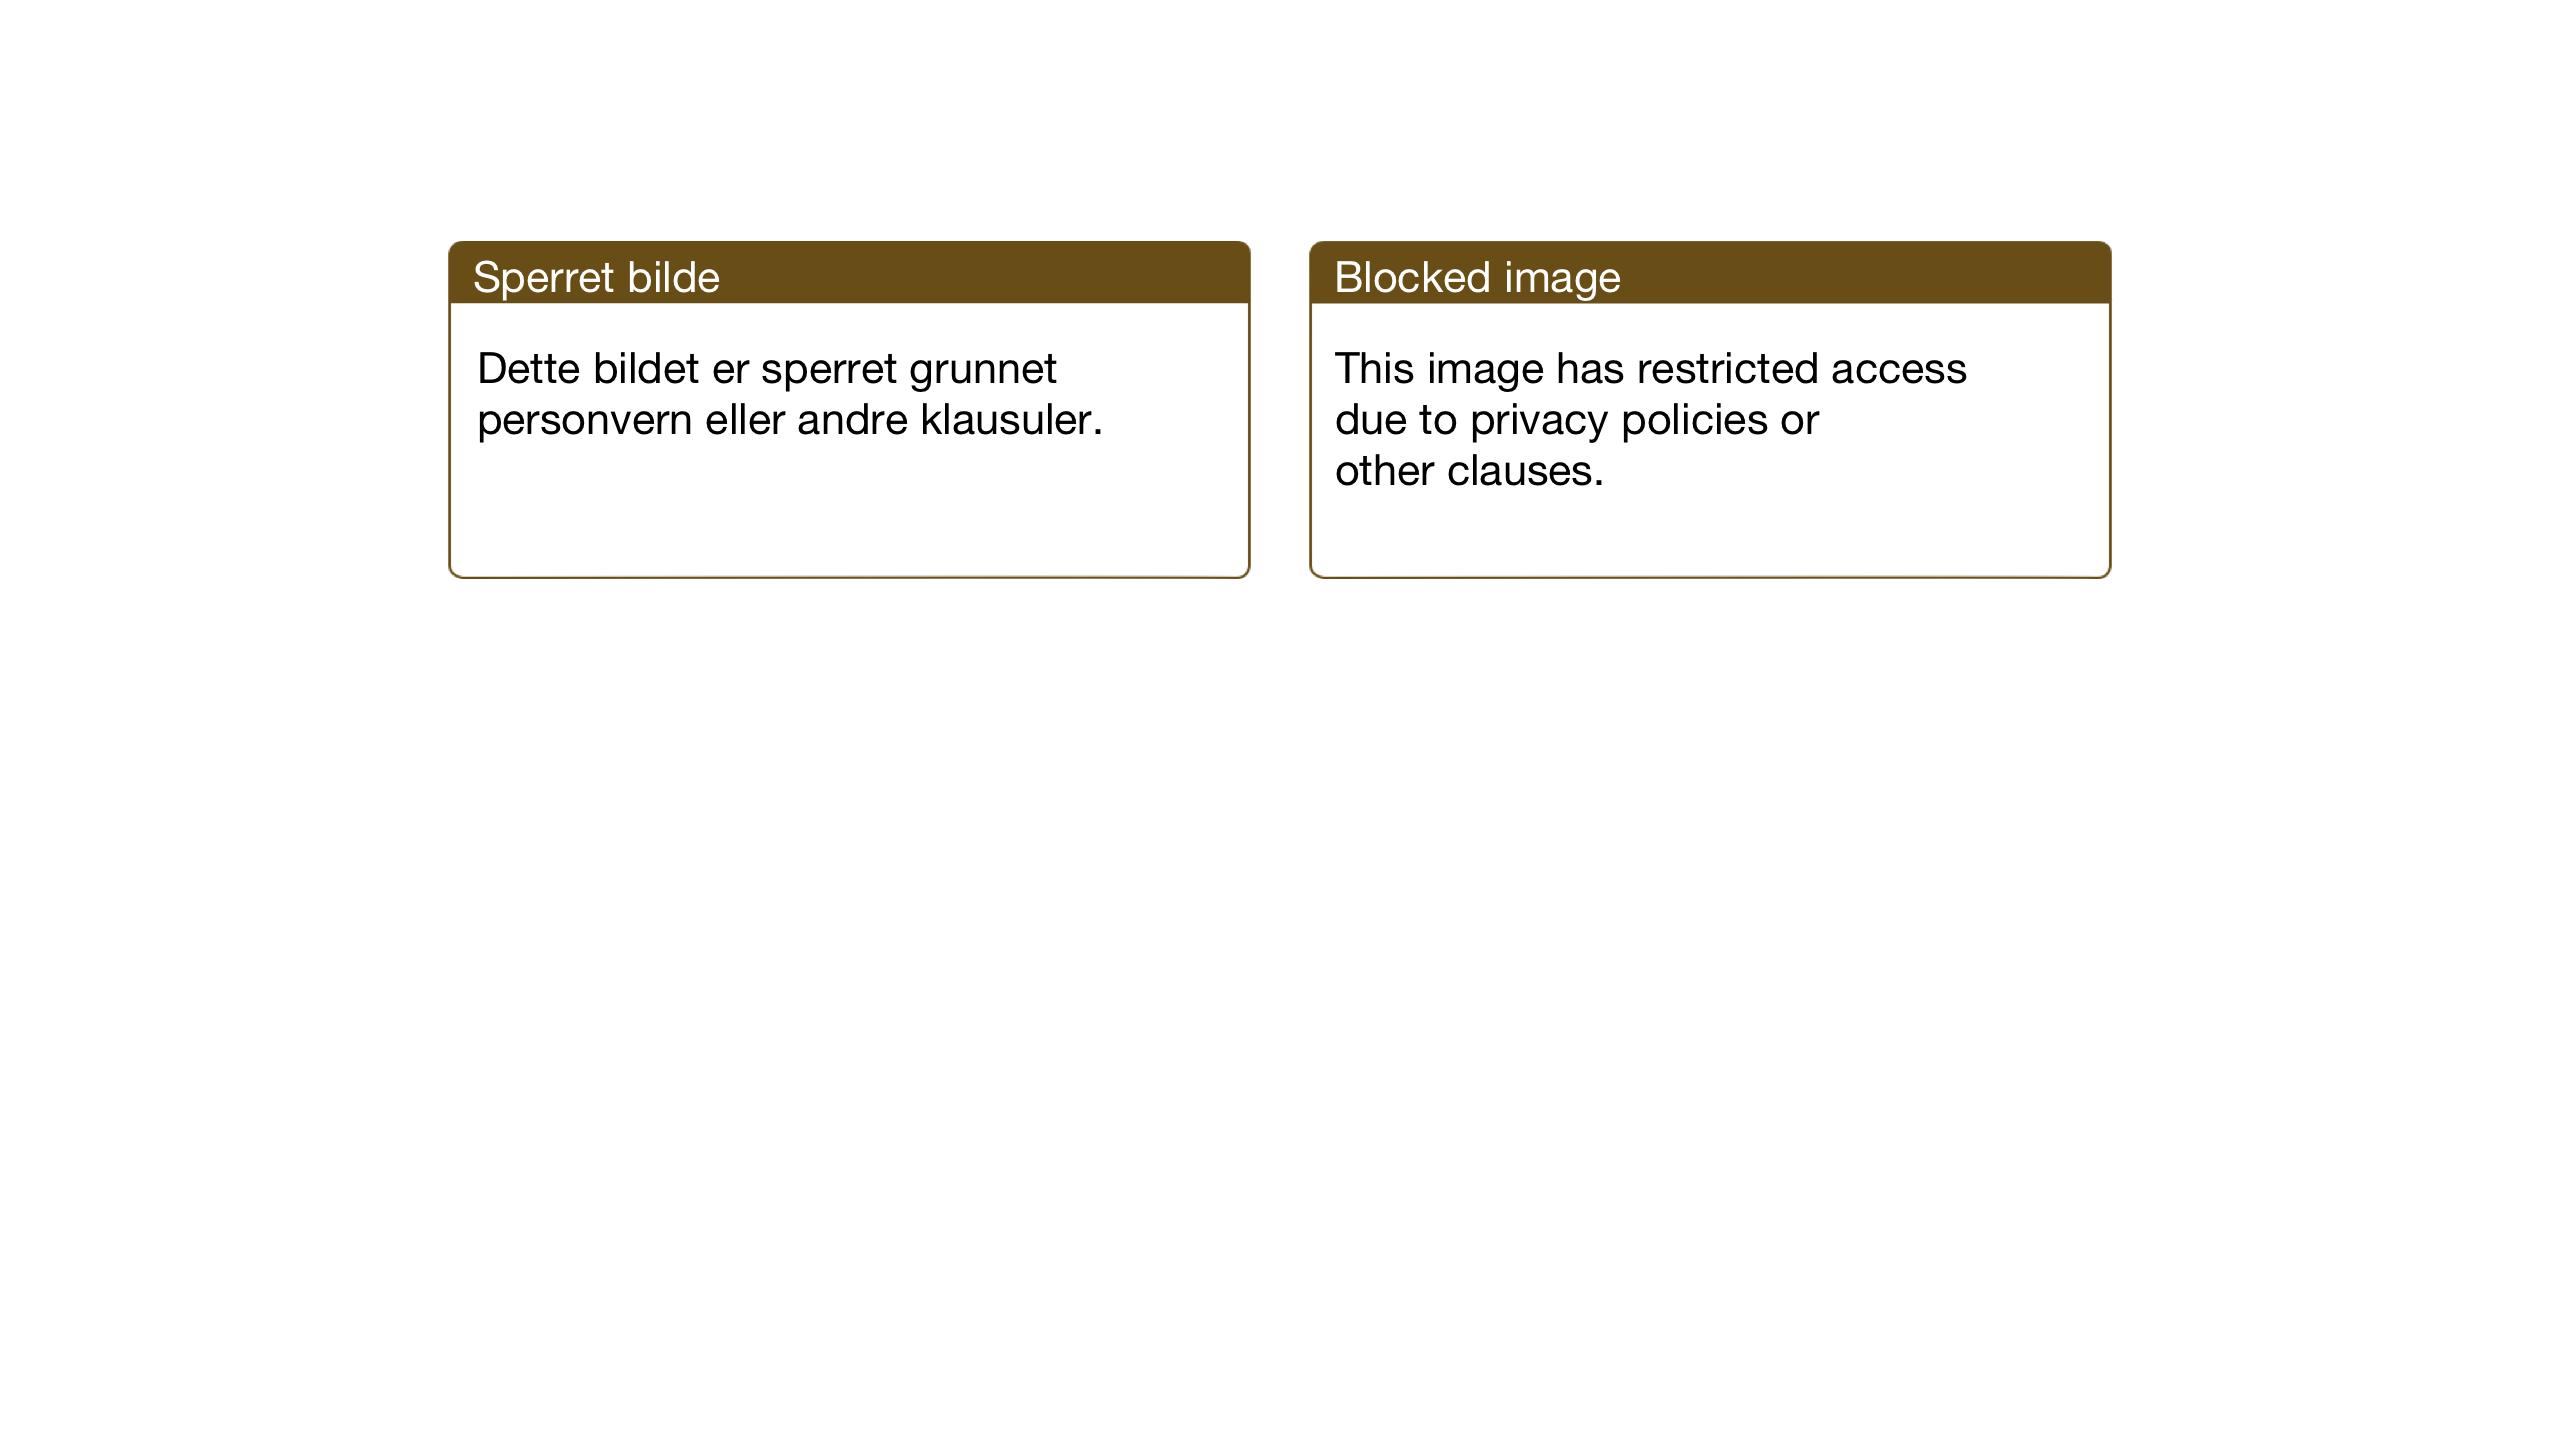 SAT, Ministerialprotokoller, klokkerbøker og fødselsregistre - Nord-Trøndelag, 768/L0583: Klokkerbok nr. 768C01, 1928-1953, s. 41